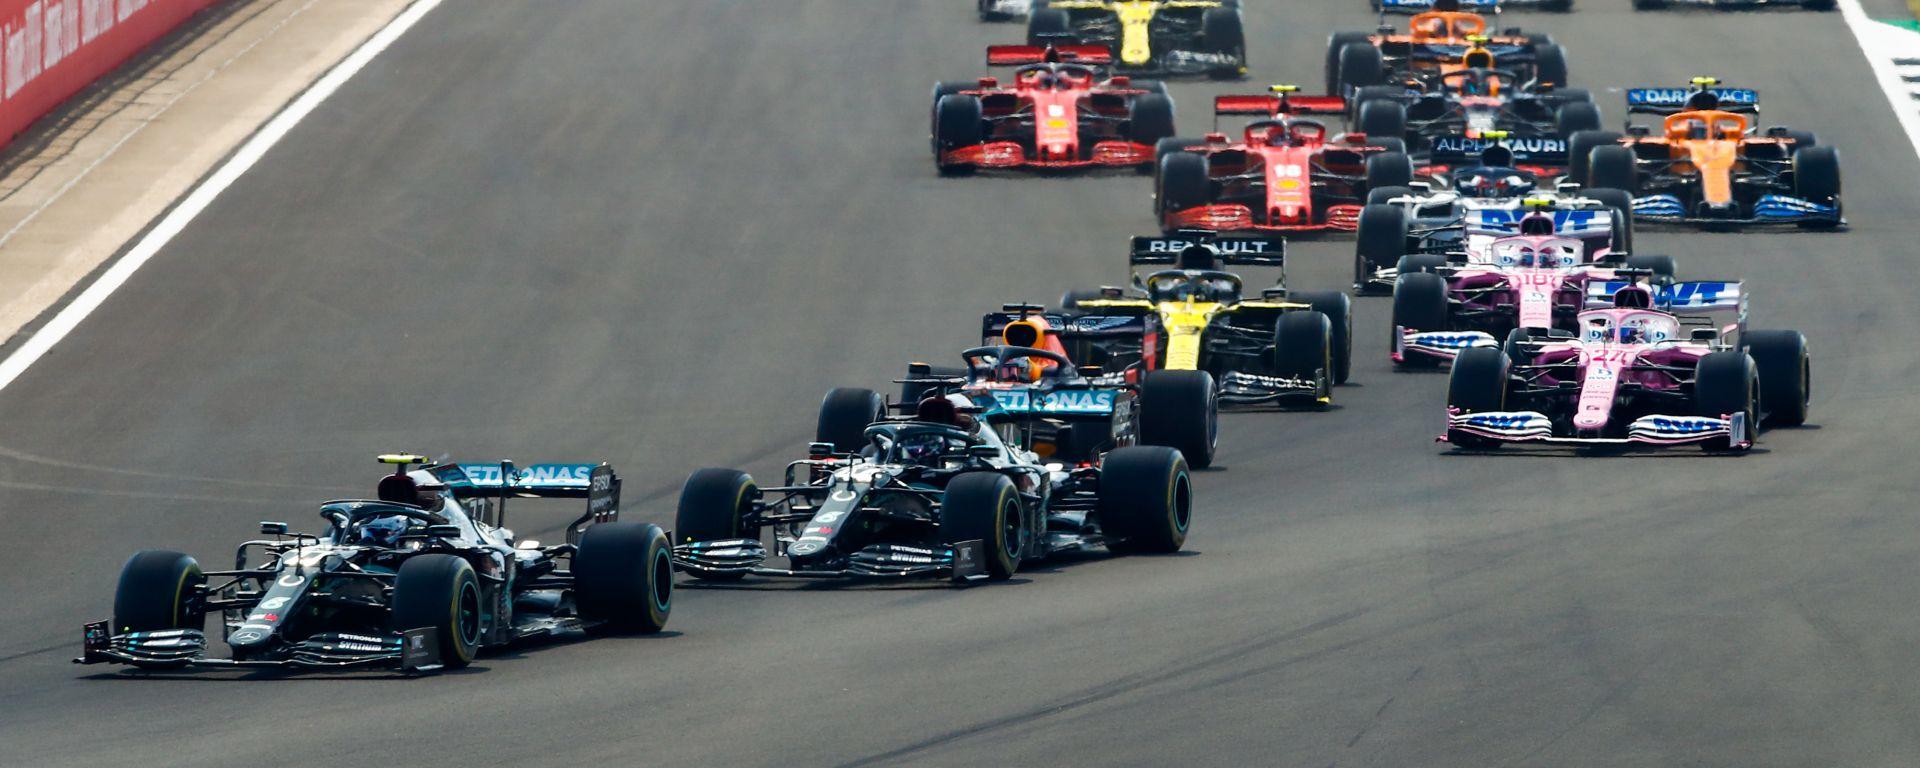 F1, GP 70° anniversario: la partenza